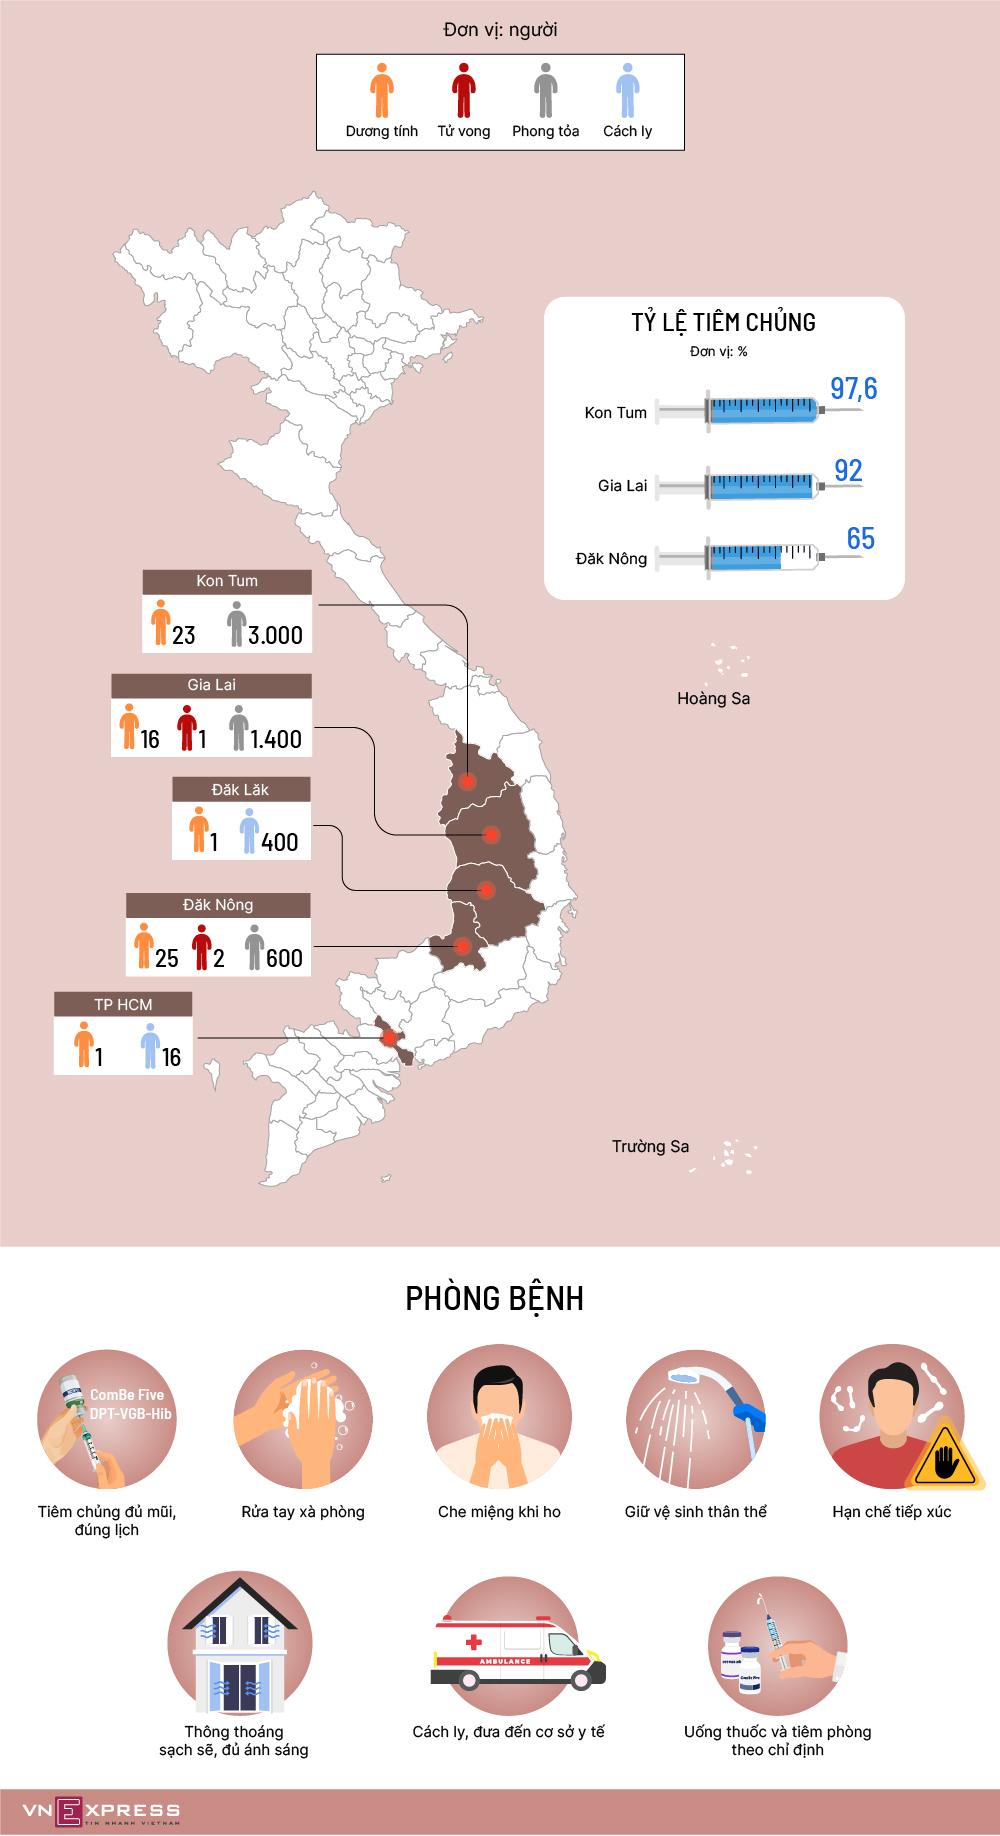 Bạch hầu lan 4 tỉnh Tây Nguyên